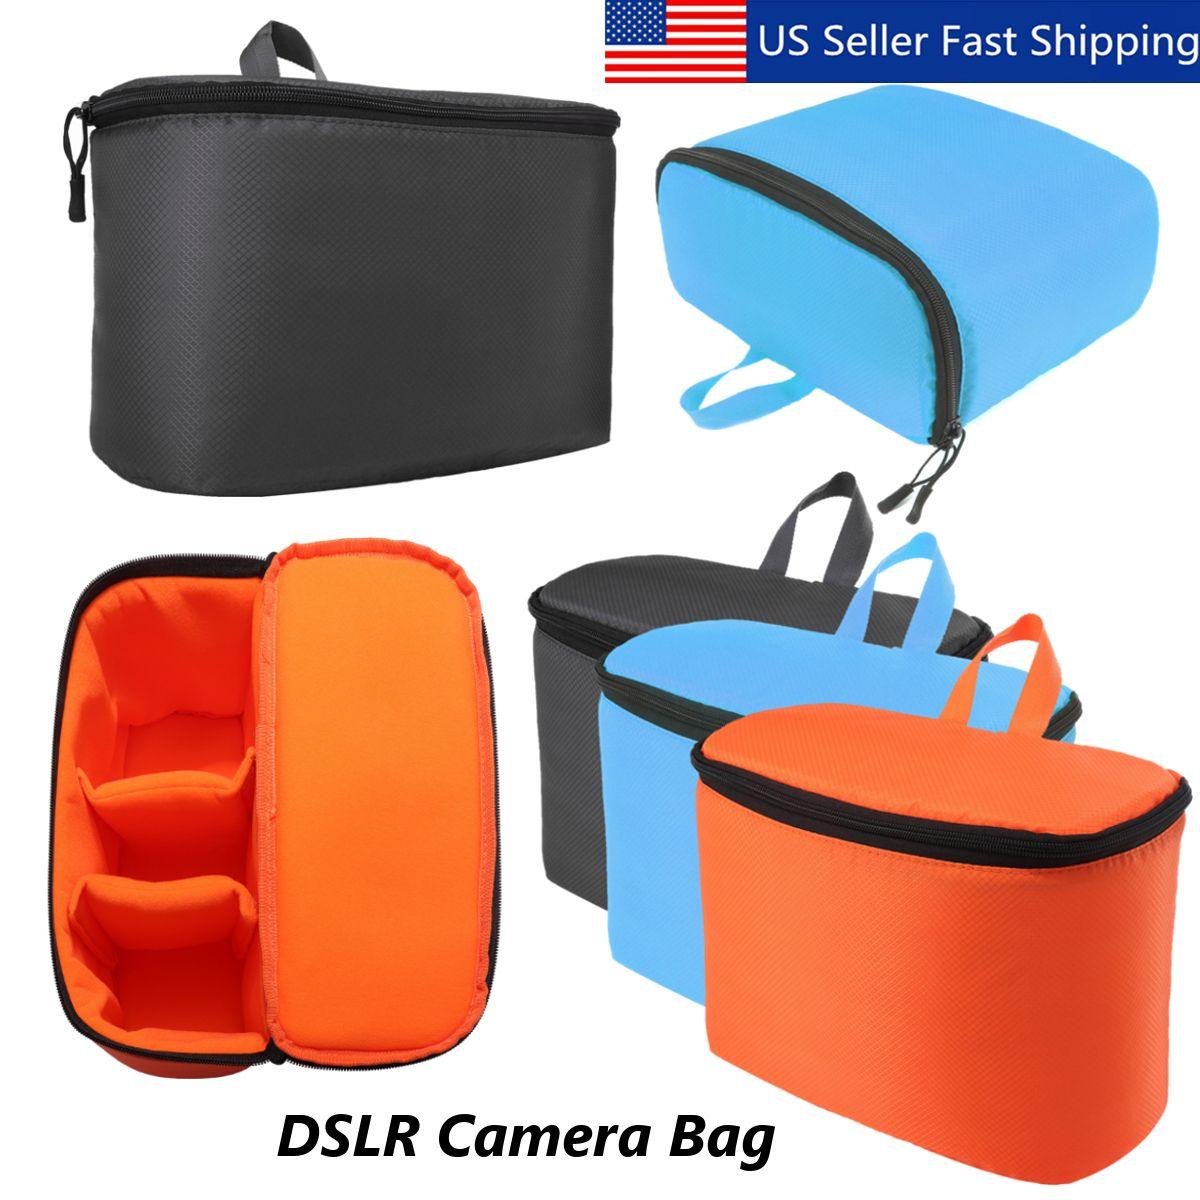 Waterproof Dslr Slr Camera Lens Bag Padded Inner Dividers Insert Lens Case Bag Lens Bag Camera Lens Bags Slr Camera Bag